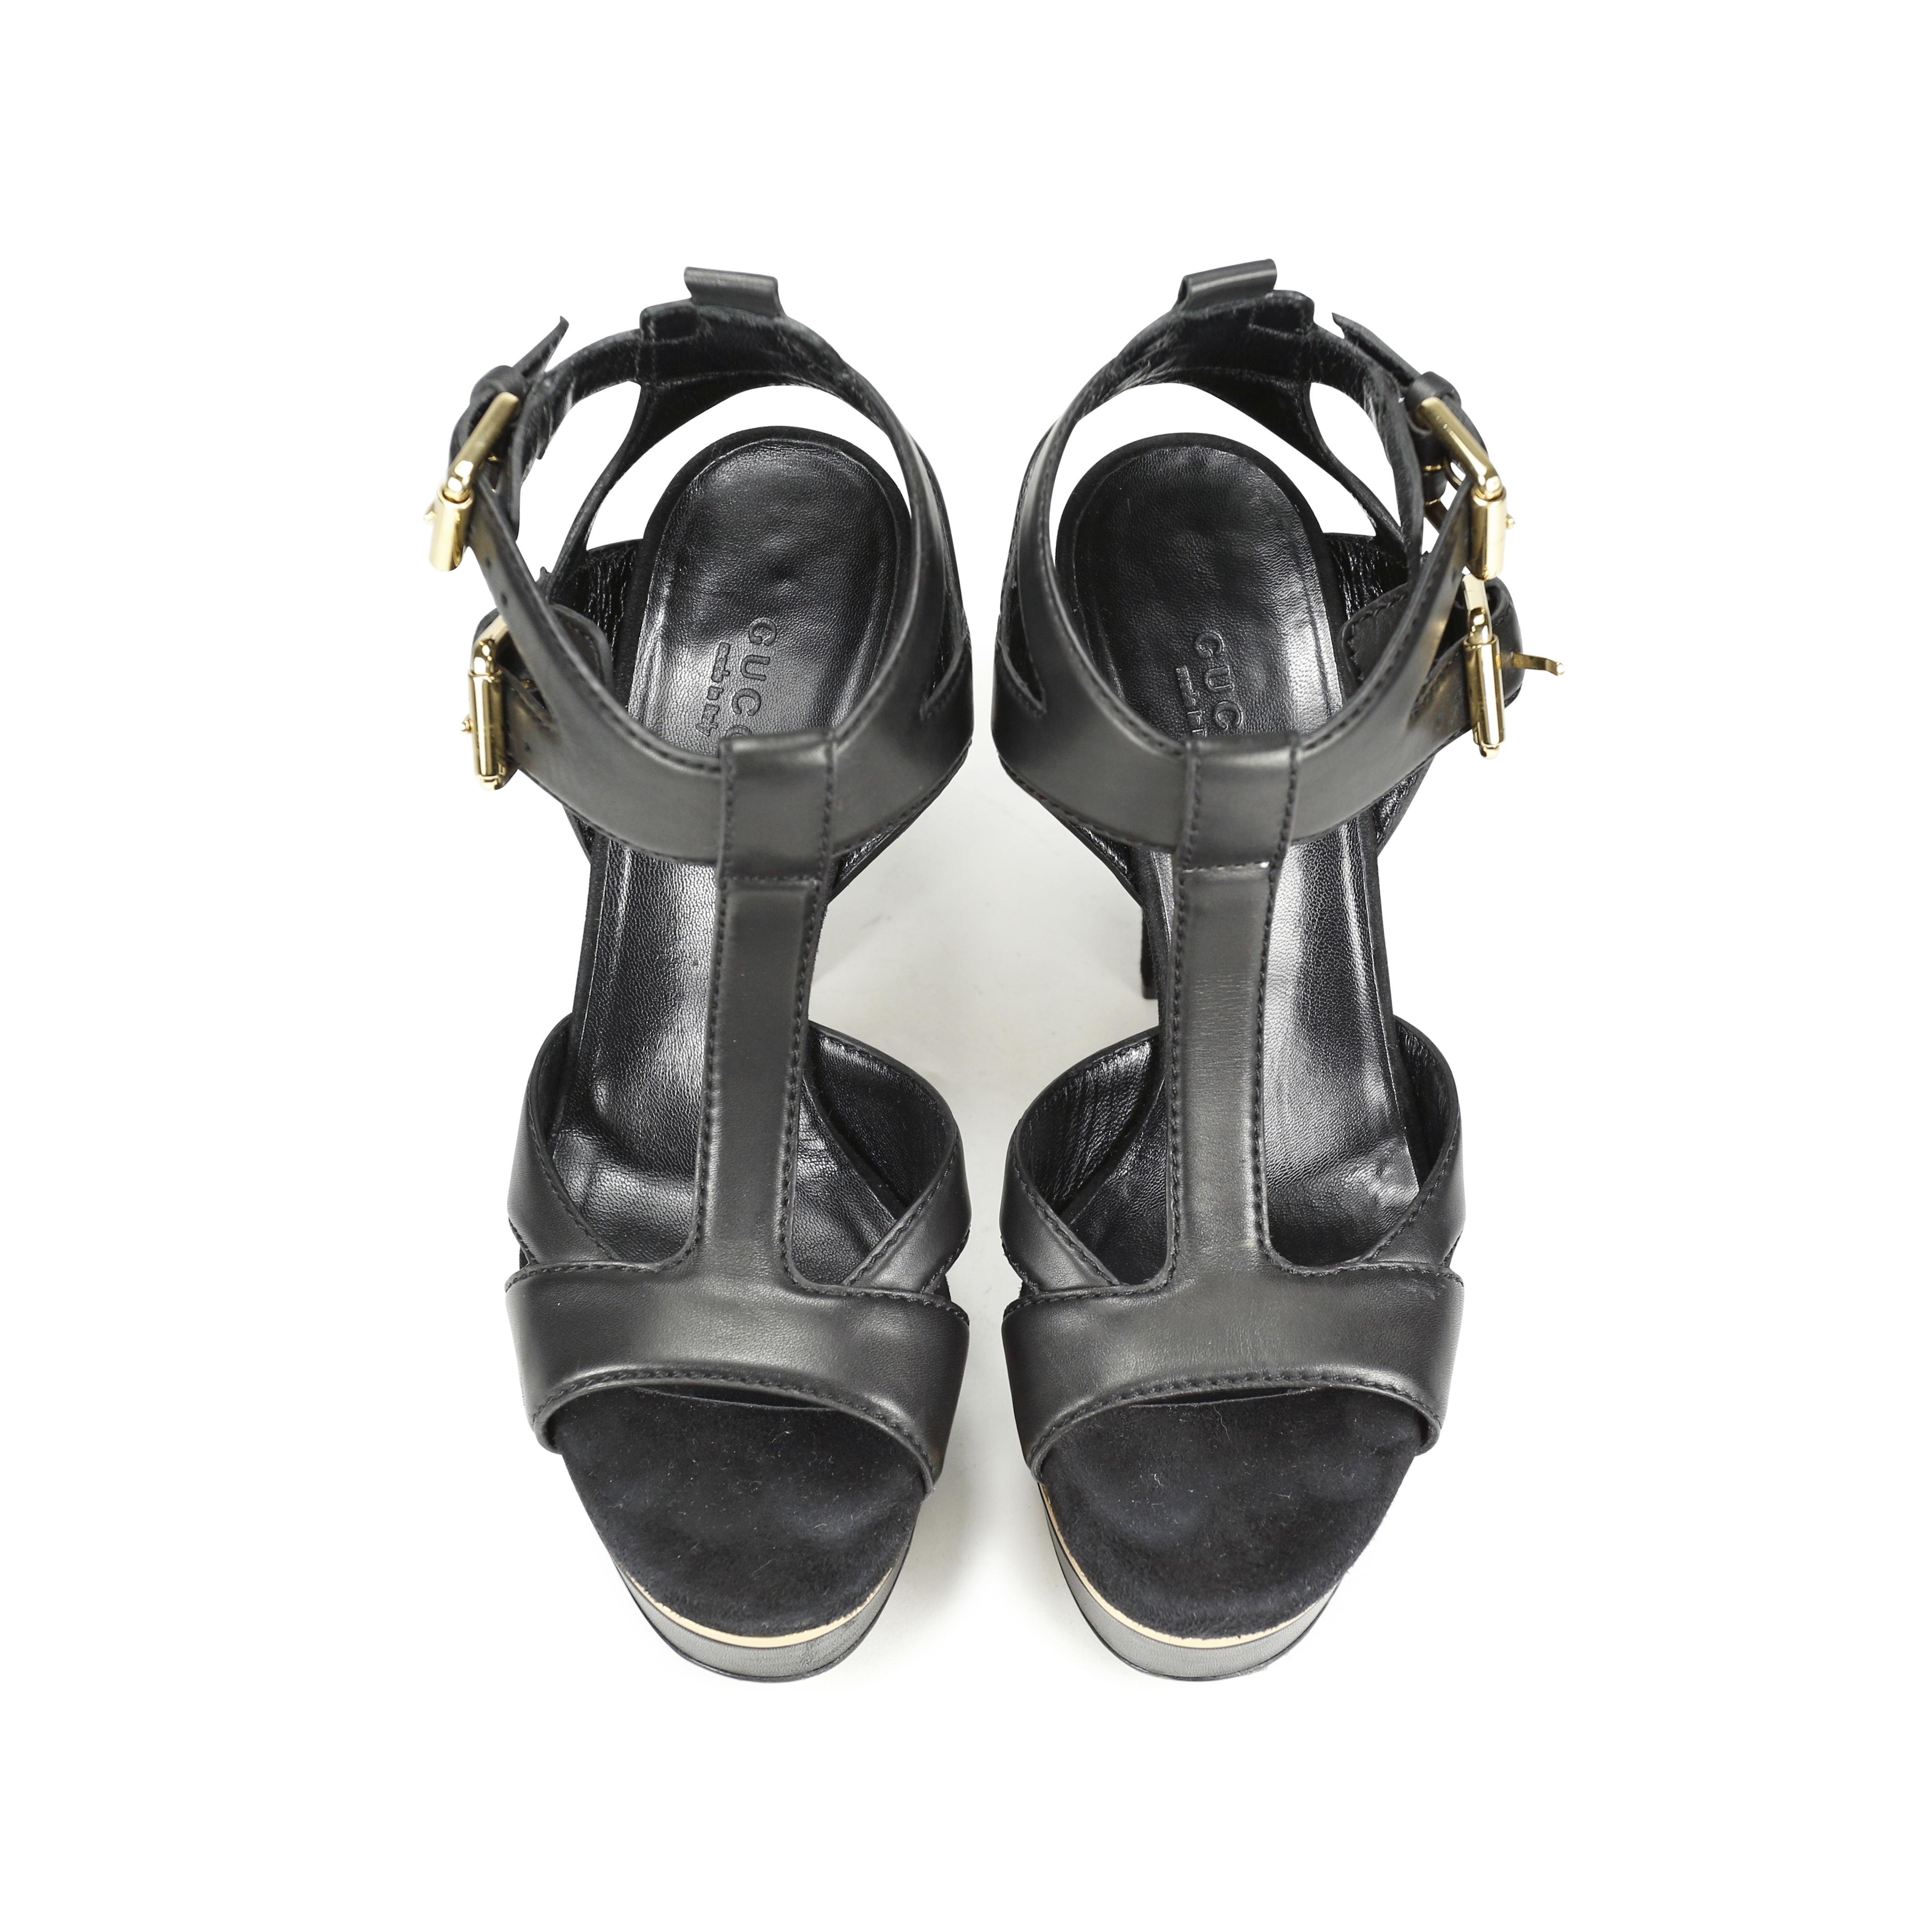 961e9c4fa6ba95 Authentic Second Hand Gucci Iman T-Strap Sandals (PSS-183-00030 ...